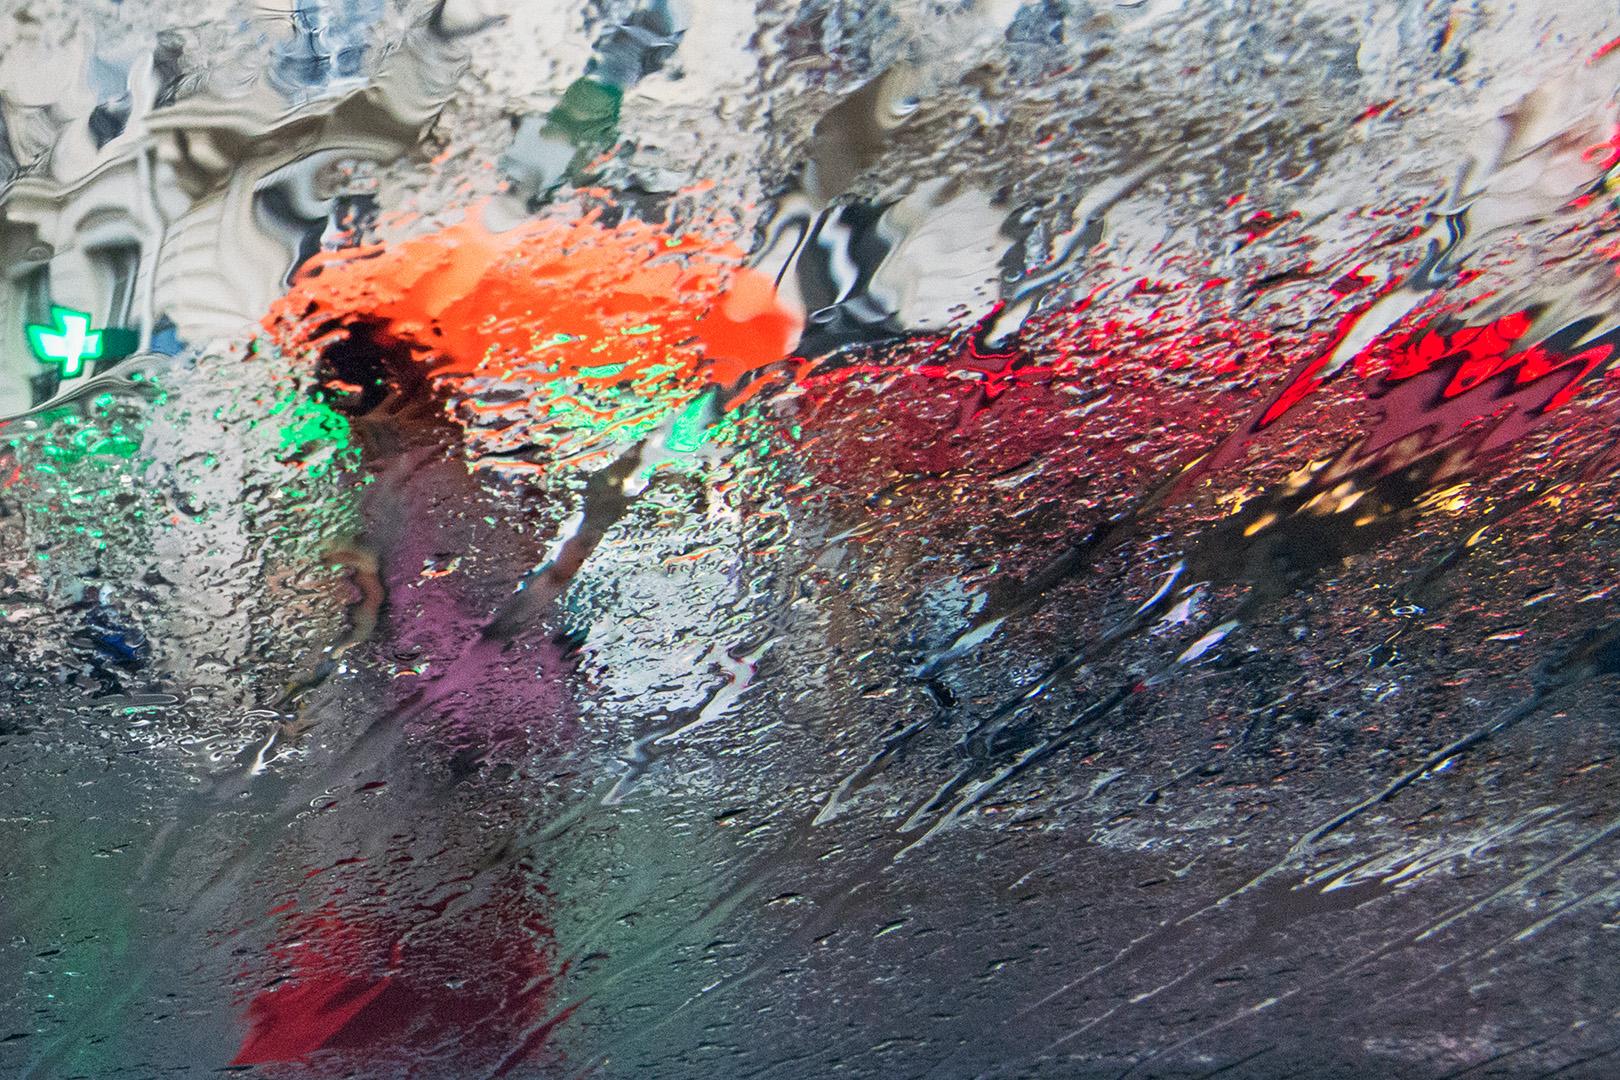 Photo impressionniste pour ce paysage urbain, lignes déformées par un rideau de pluie